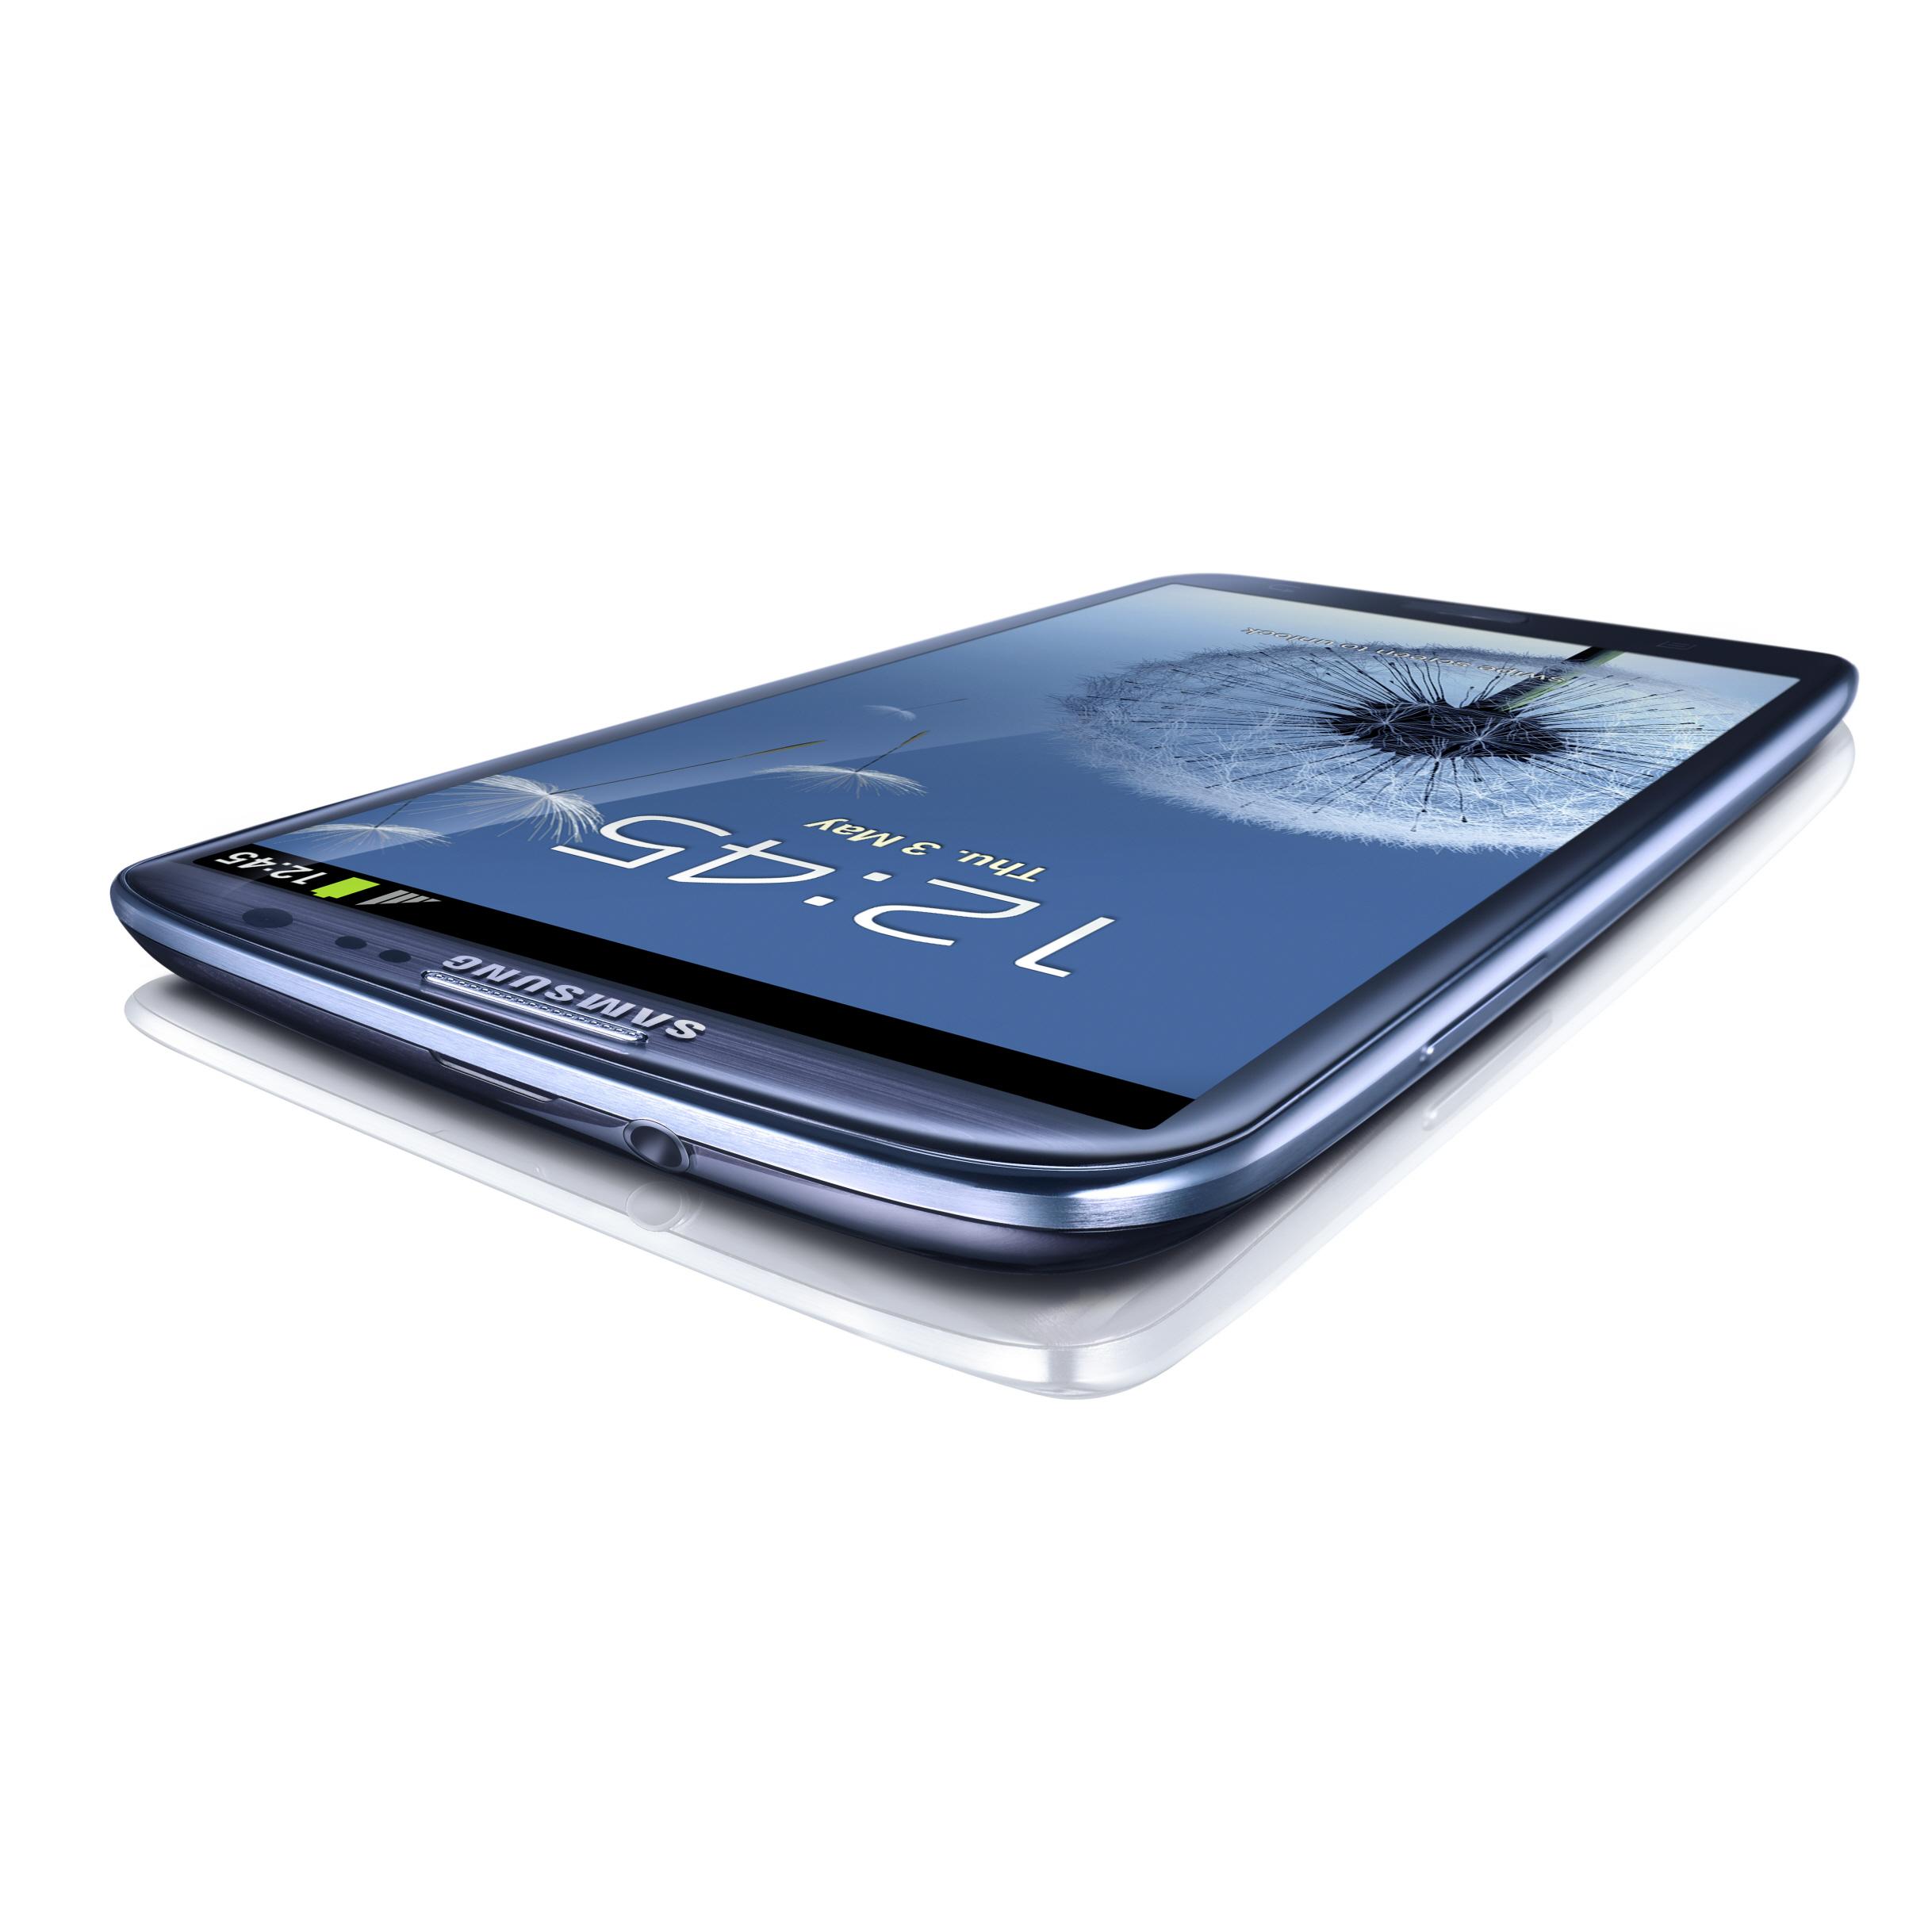 """The Samsung Galaxy S III Revealed: 4.8"""" HD SuperAMOLED, Exynos 4 Quad"""